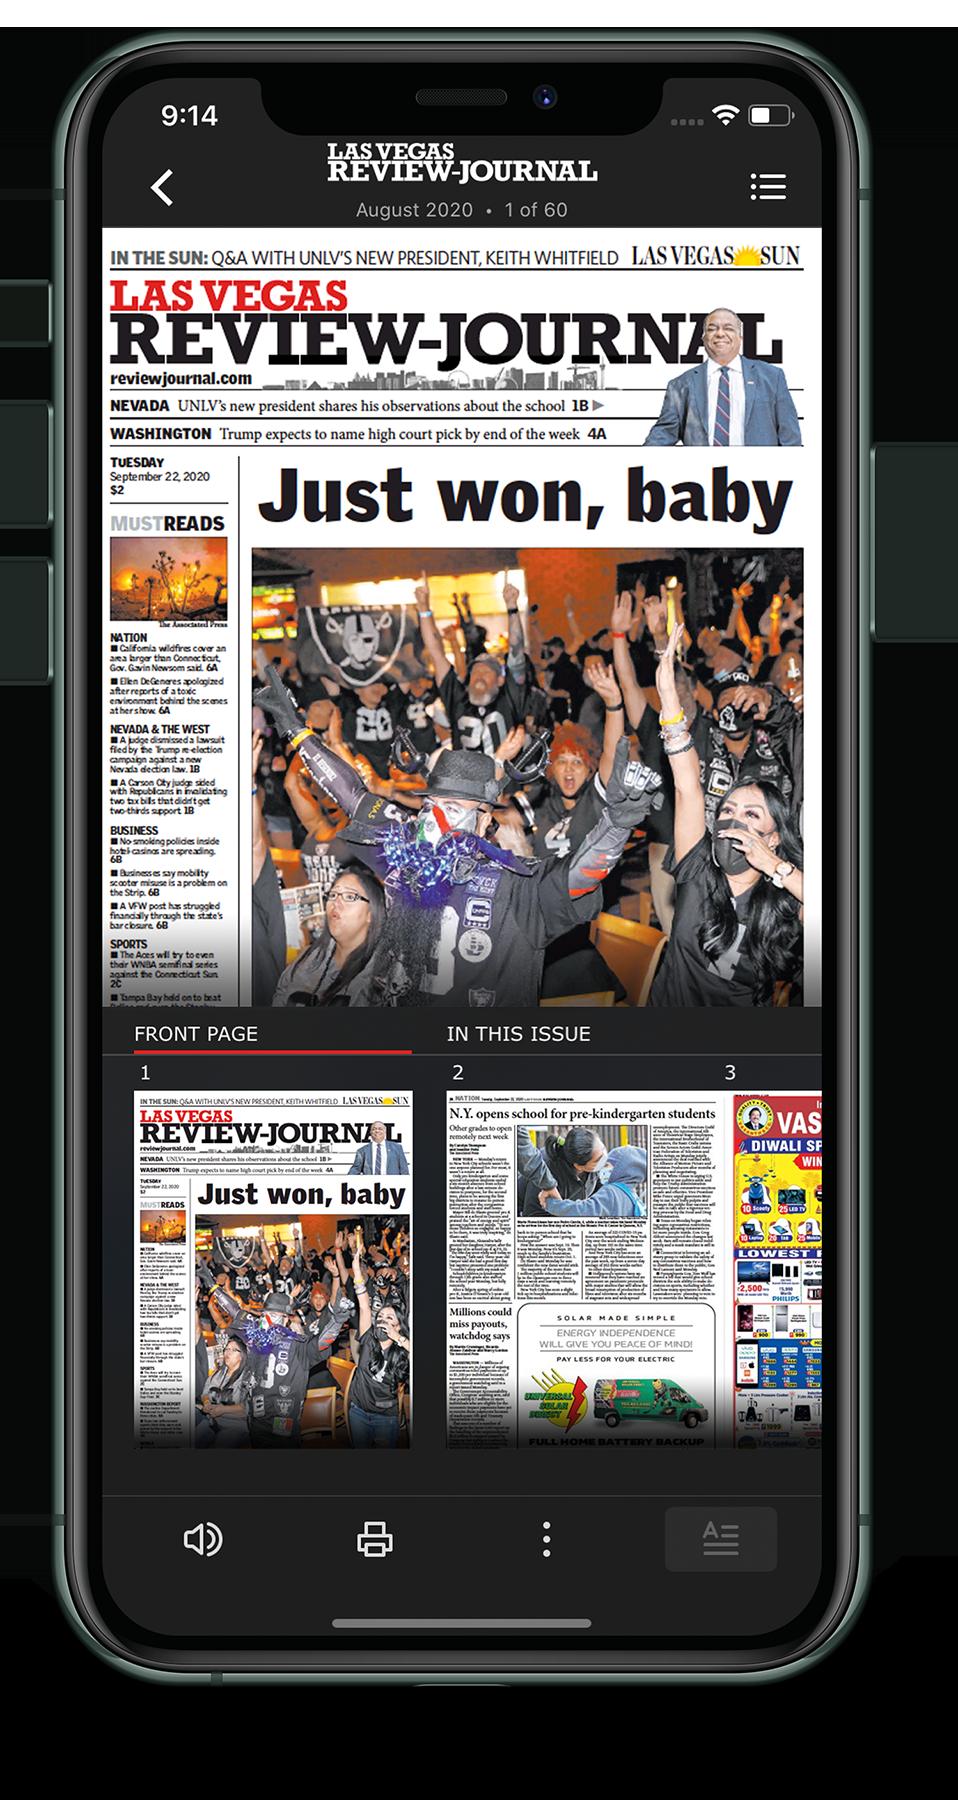 Las Vegas Review-Journal E-Edition iPhone app